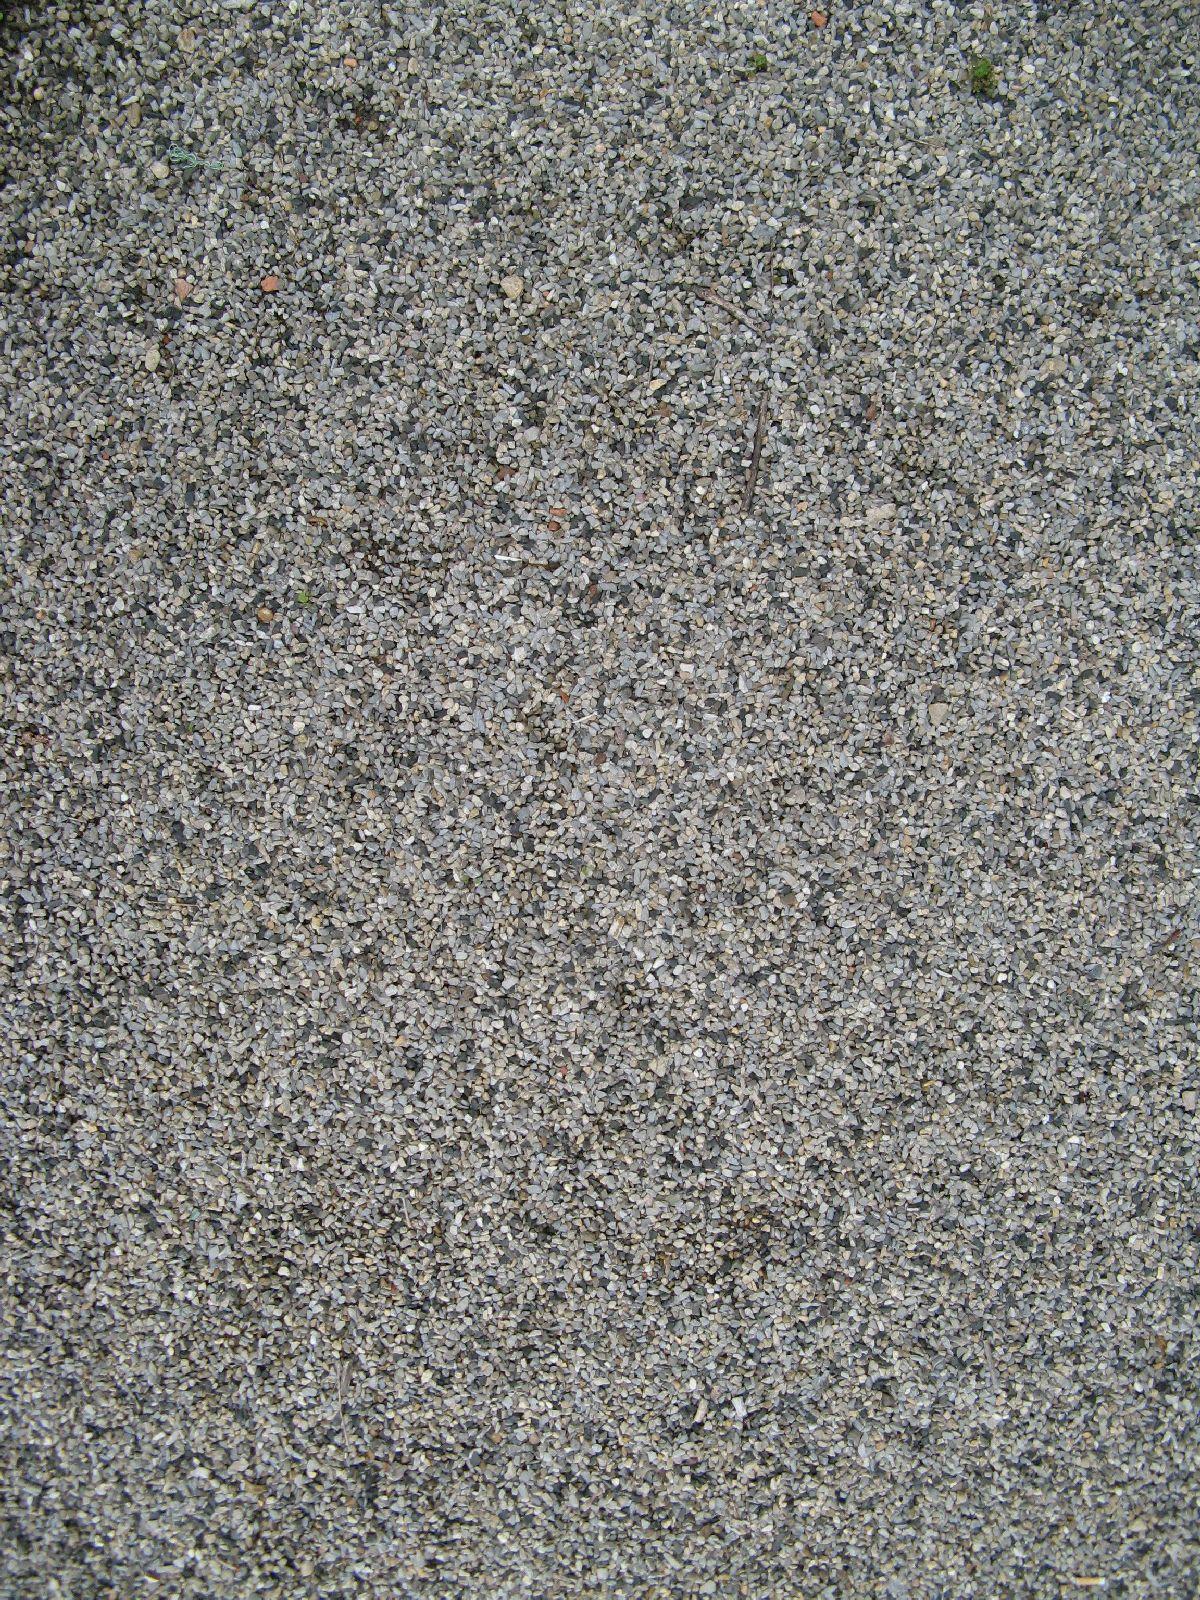 Ground-Urban_Texture_B_0207